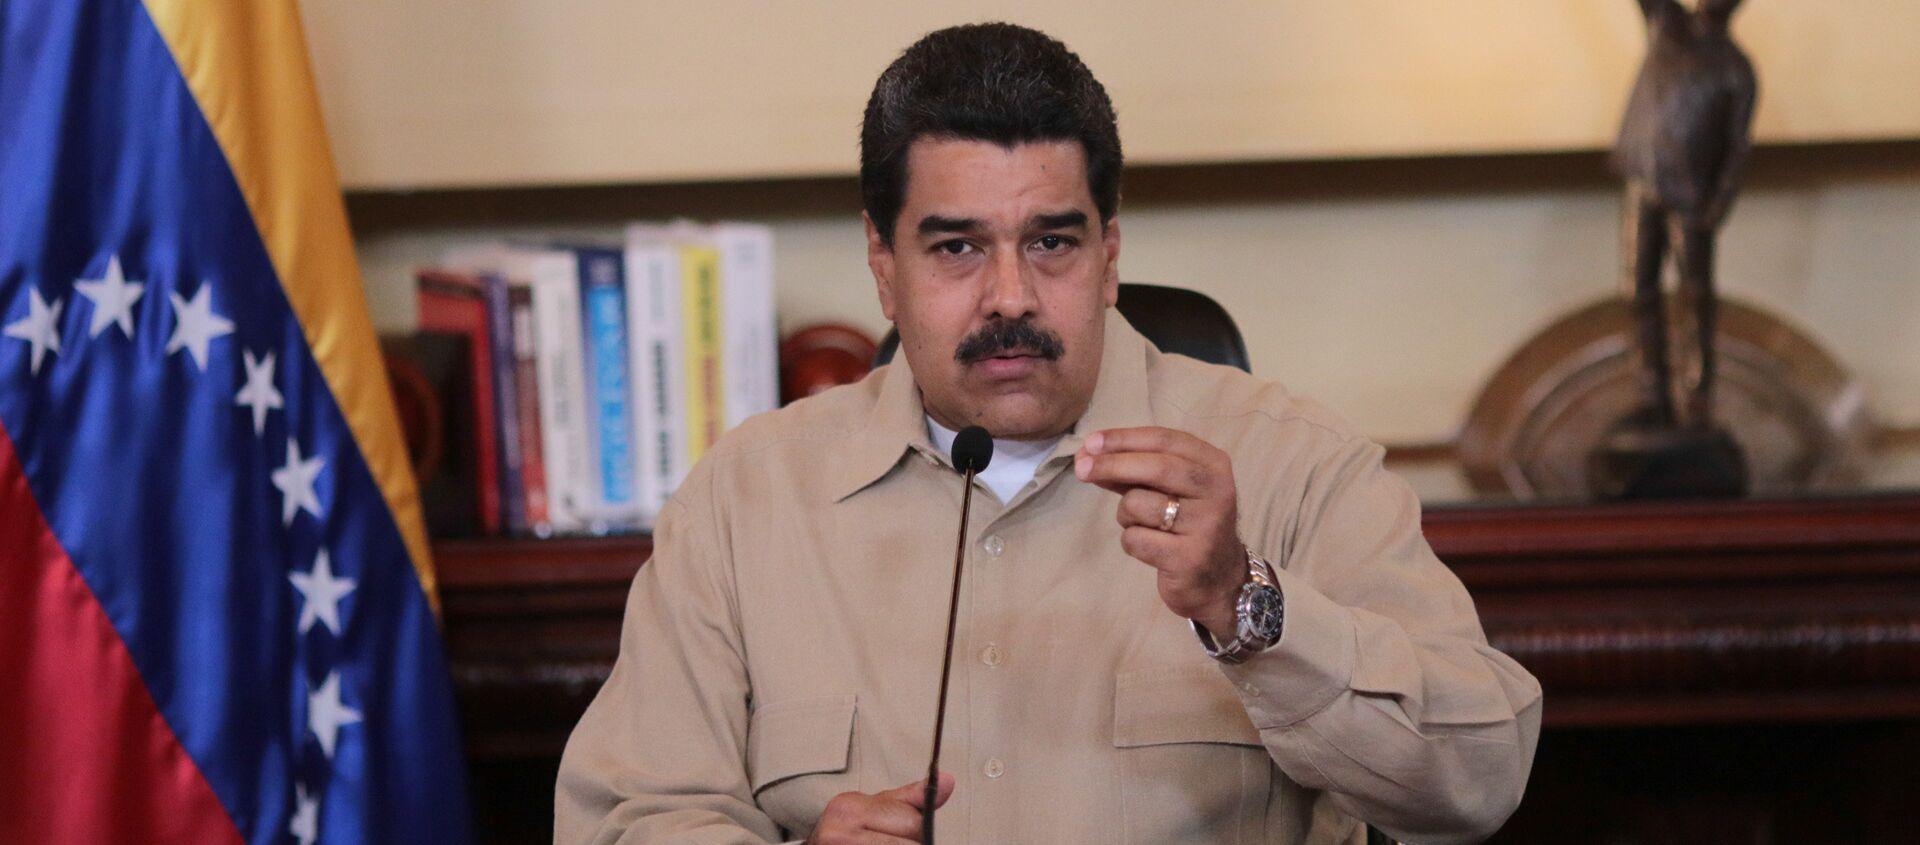 Nicolás Maduro, presidente de Venezuela - Sputnik Mundo, 1920, 03.09.2020